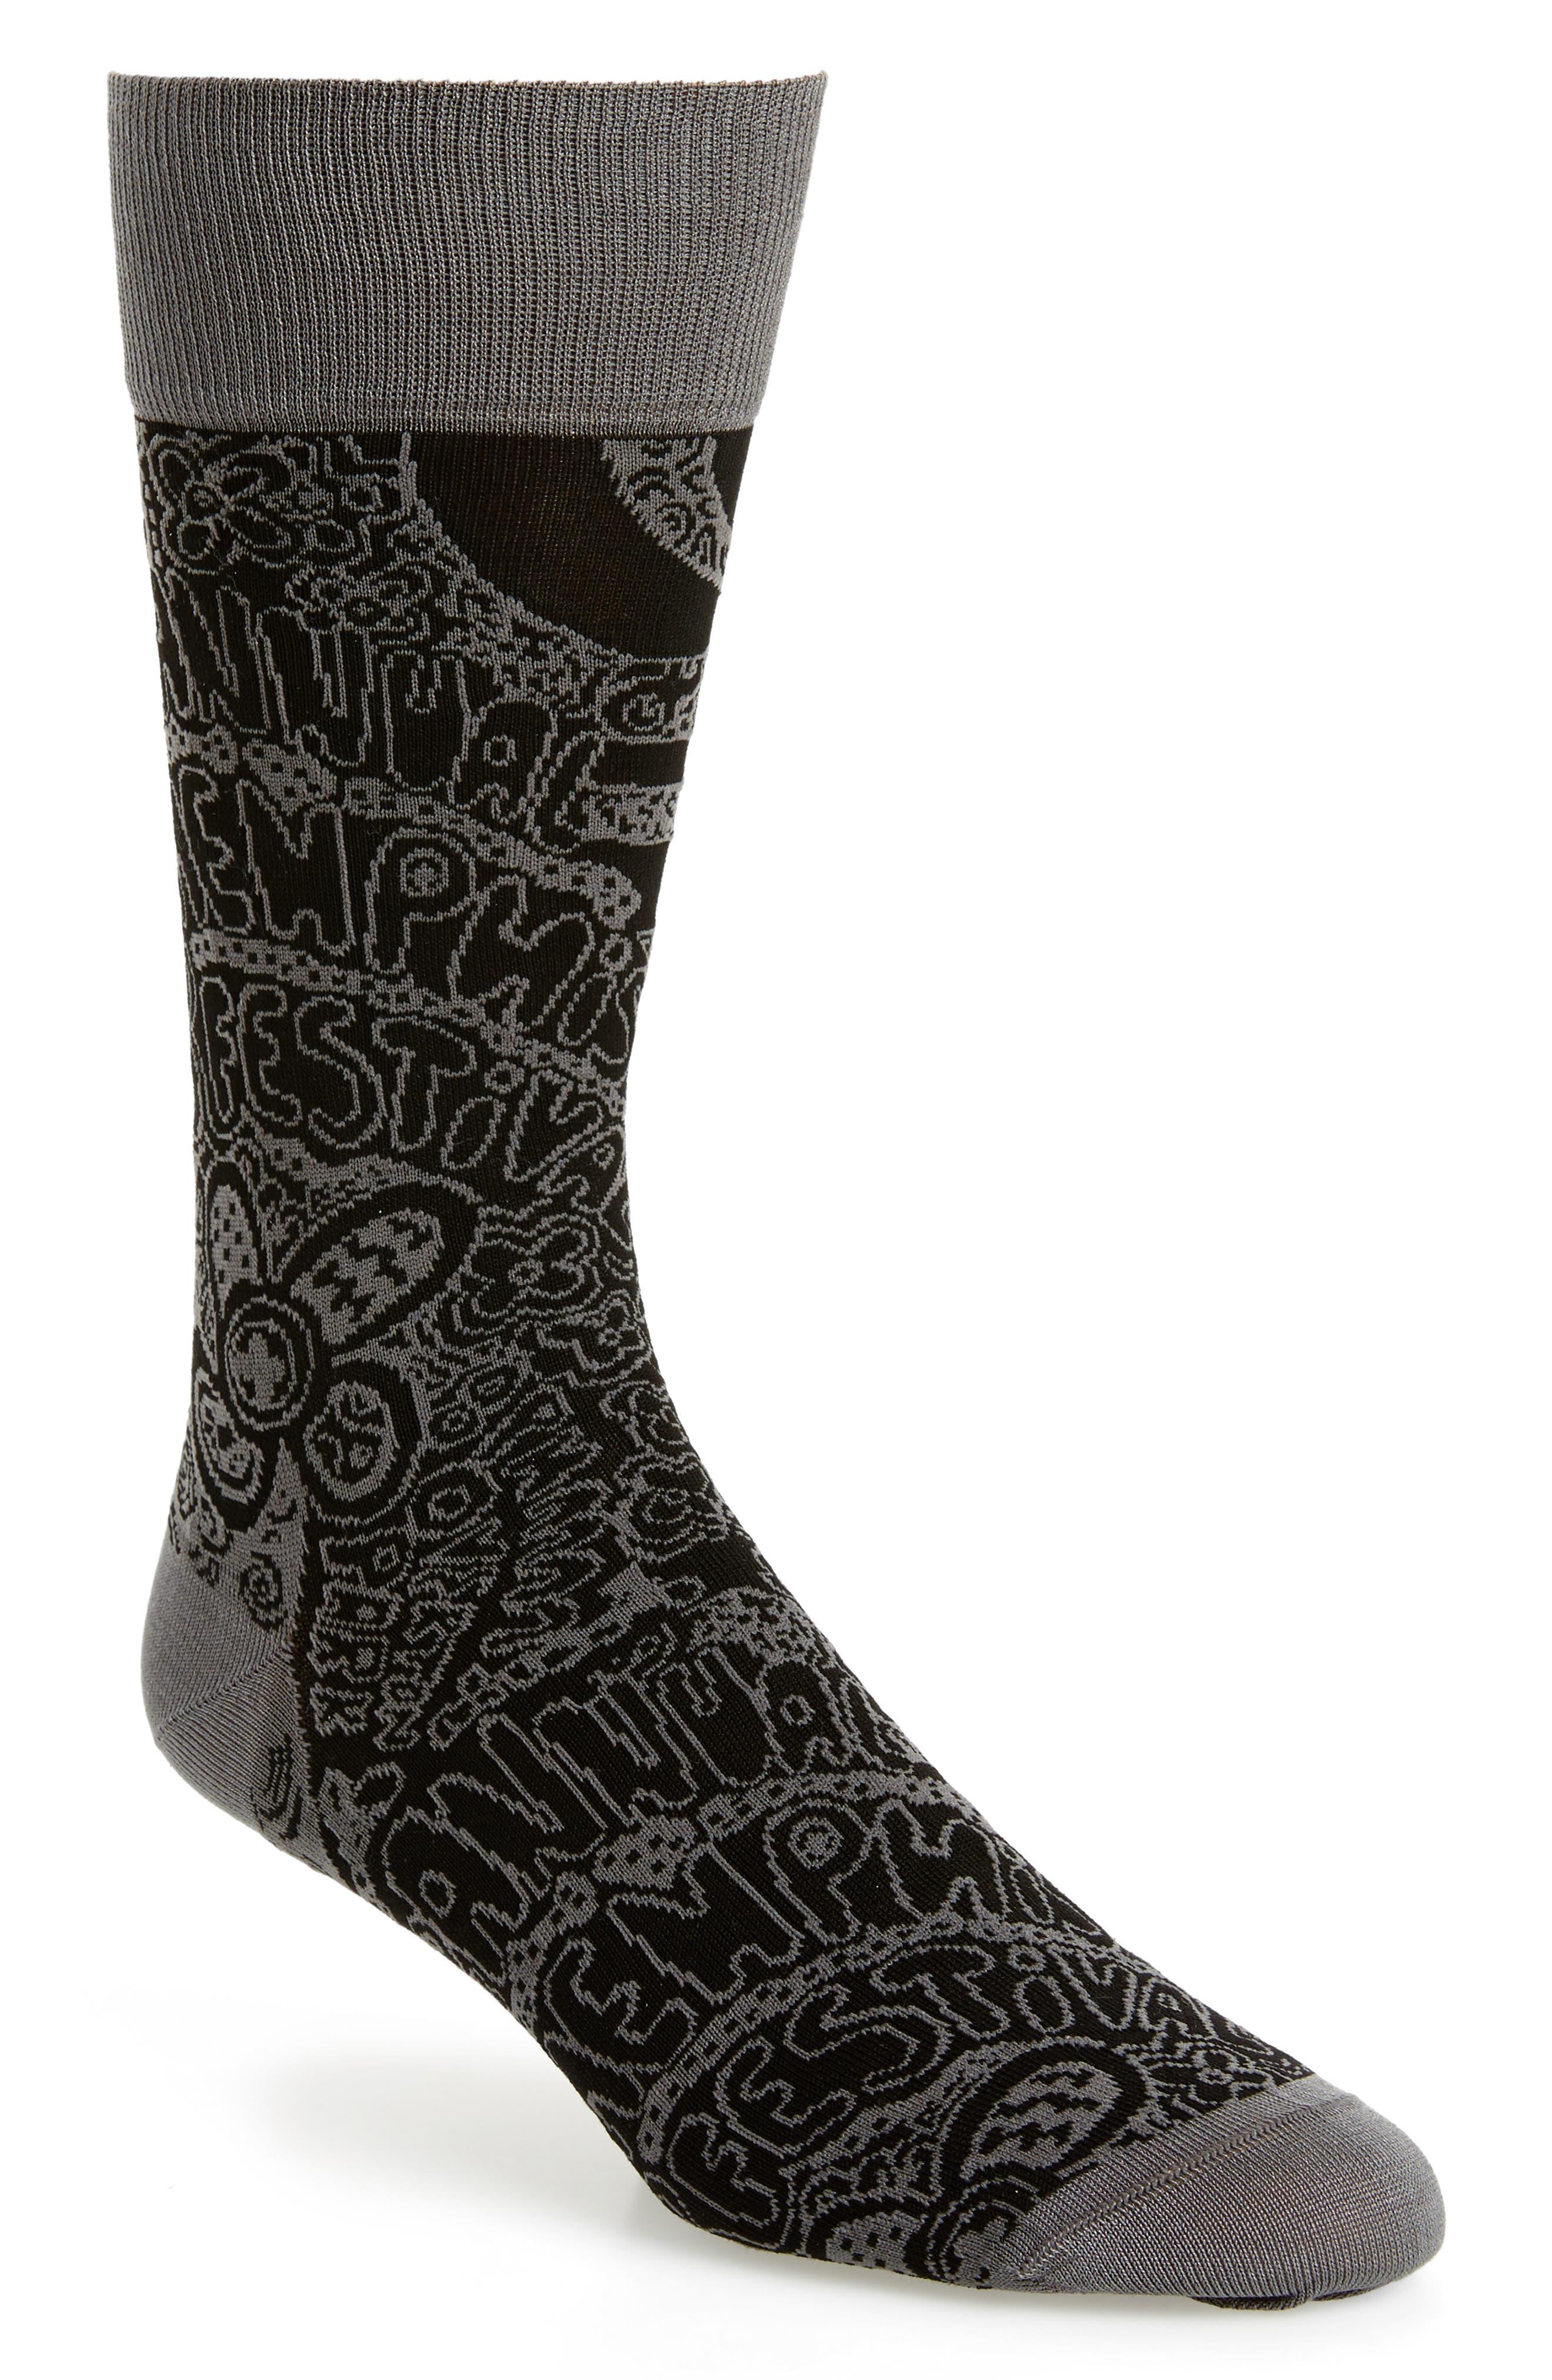 Mercerized Cotton Blend Socks,                             Main thumbnail 1, color,                             Black